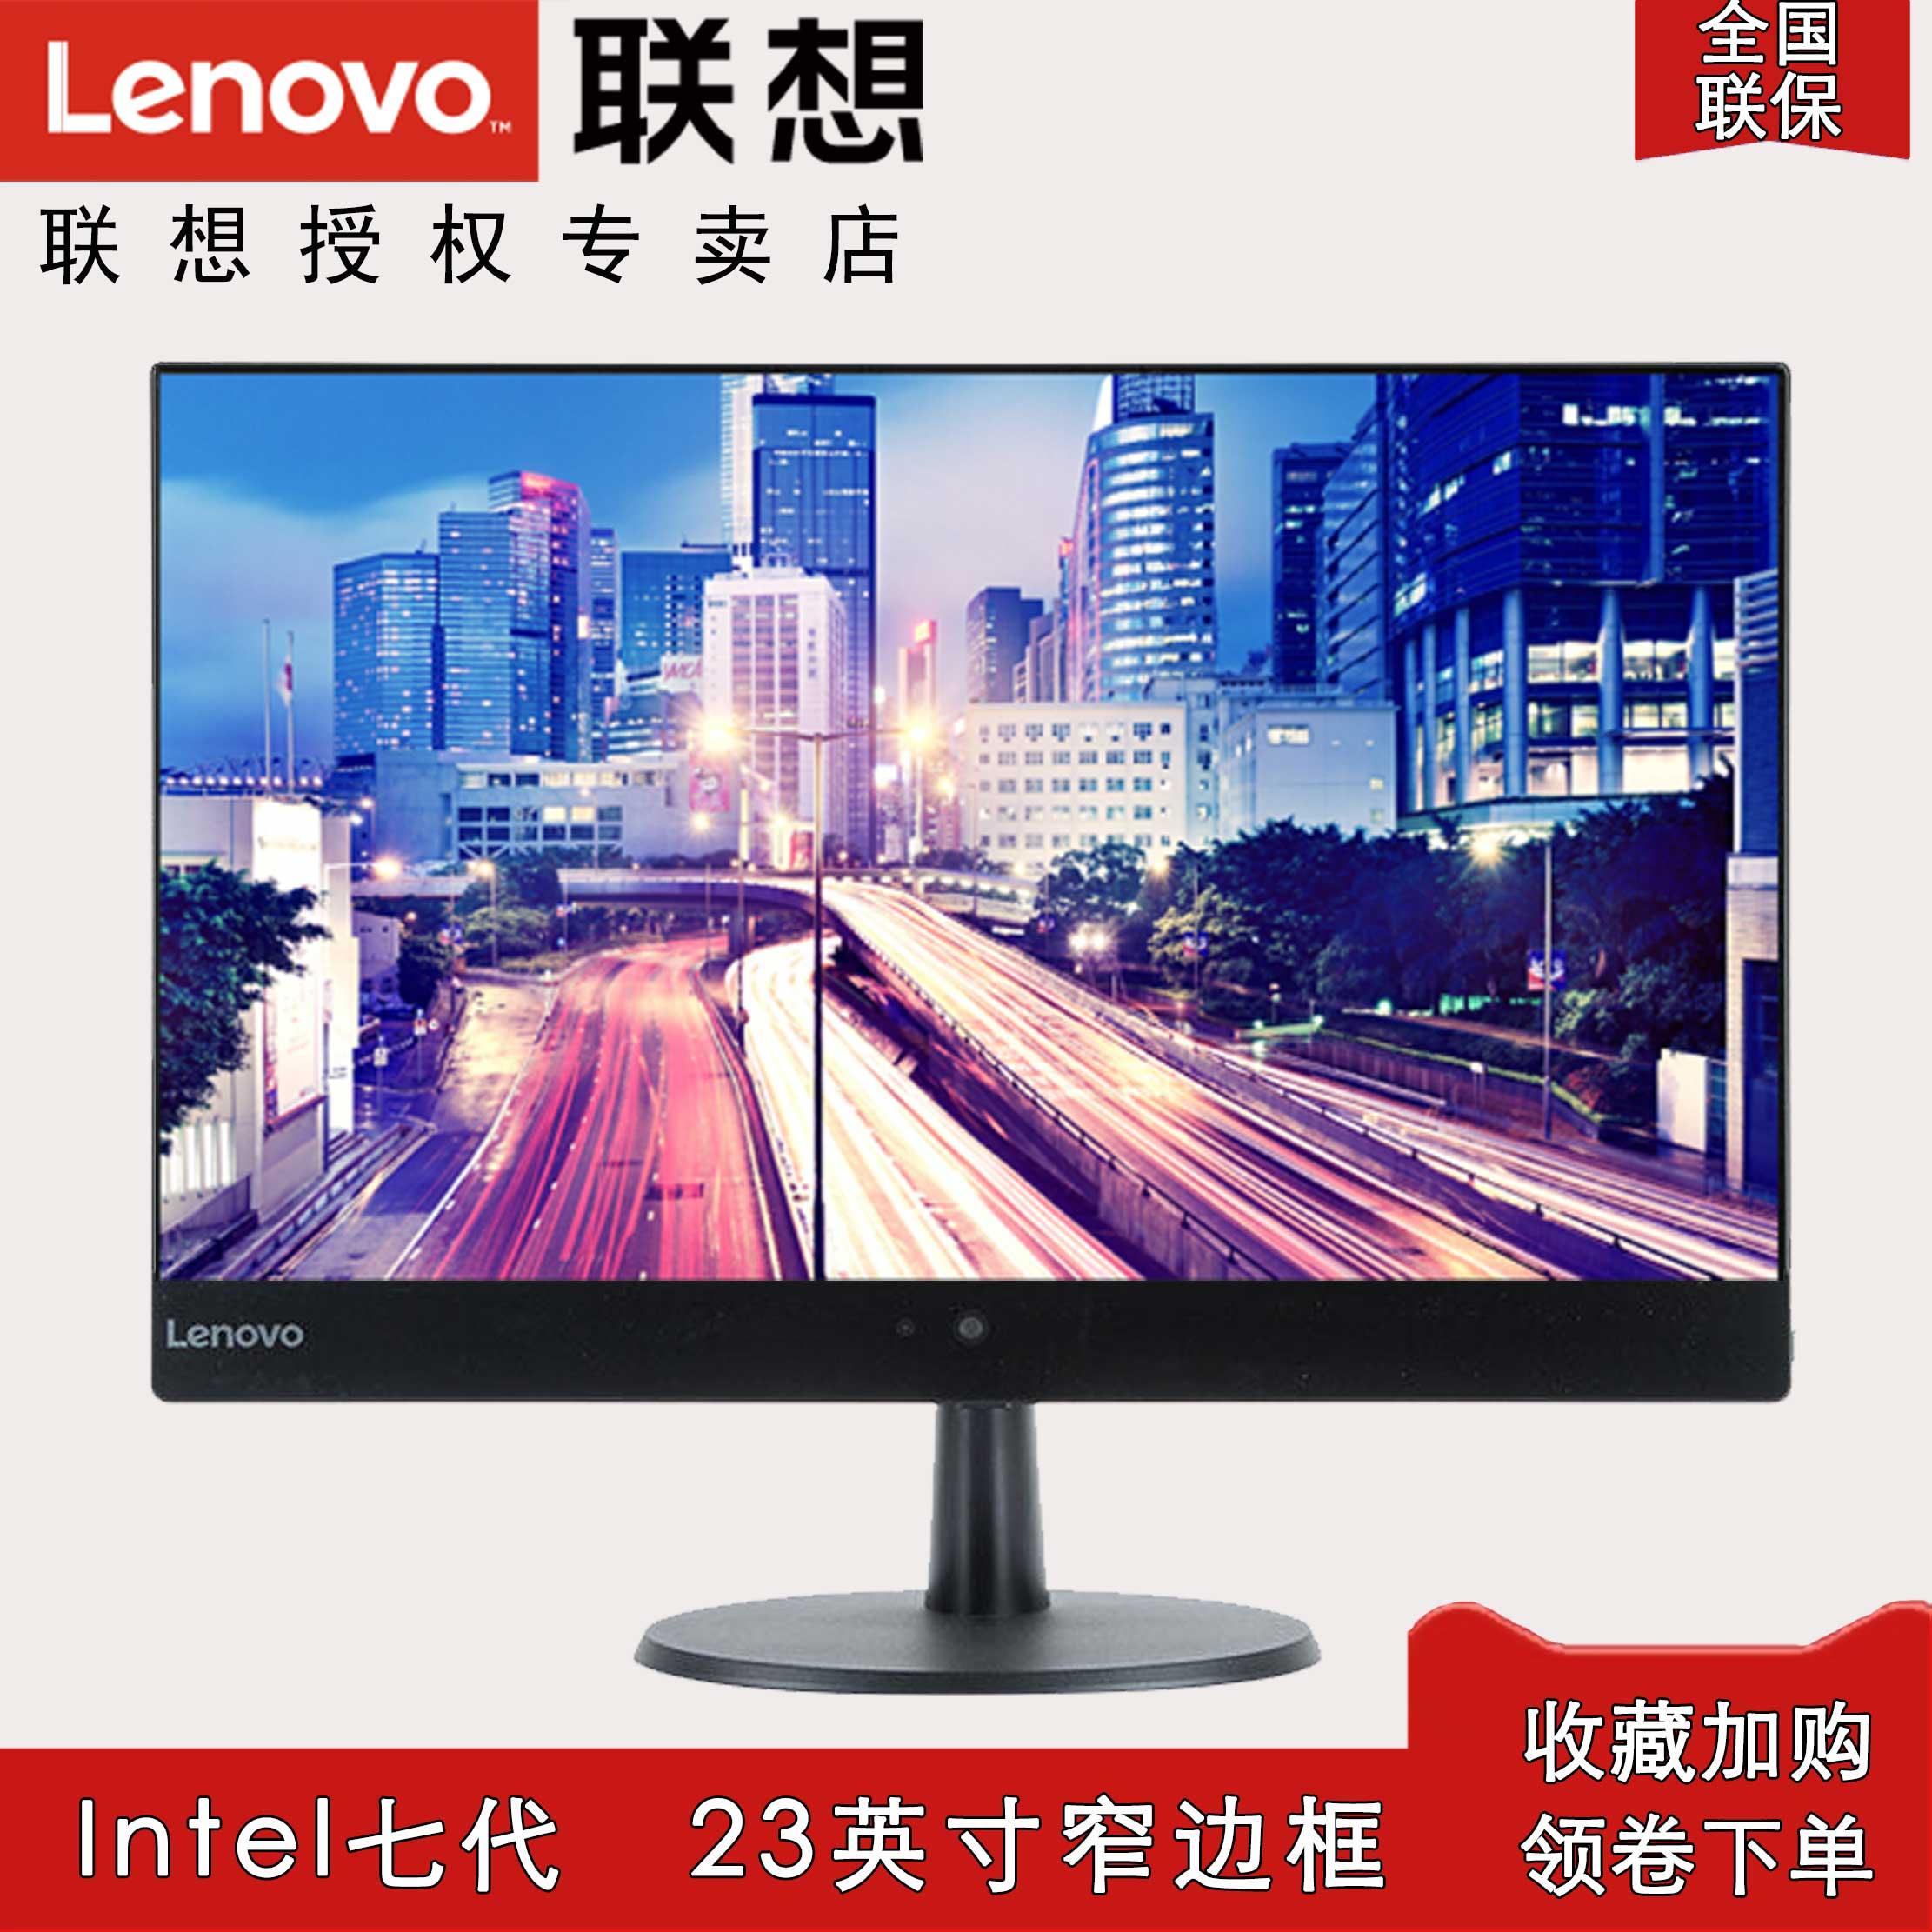 联想一体机电脑扬天 S5250 i3-7100 i5-7400 i7-7700 四核独显办公整机商务办公家用一体机 23英寸 AIO 520